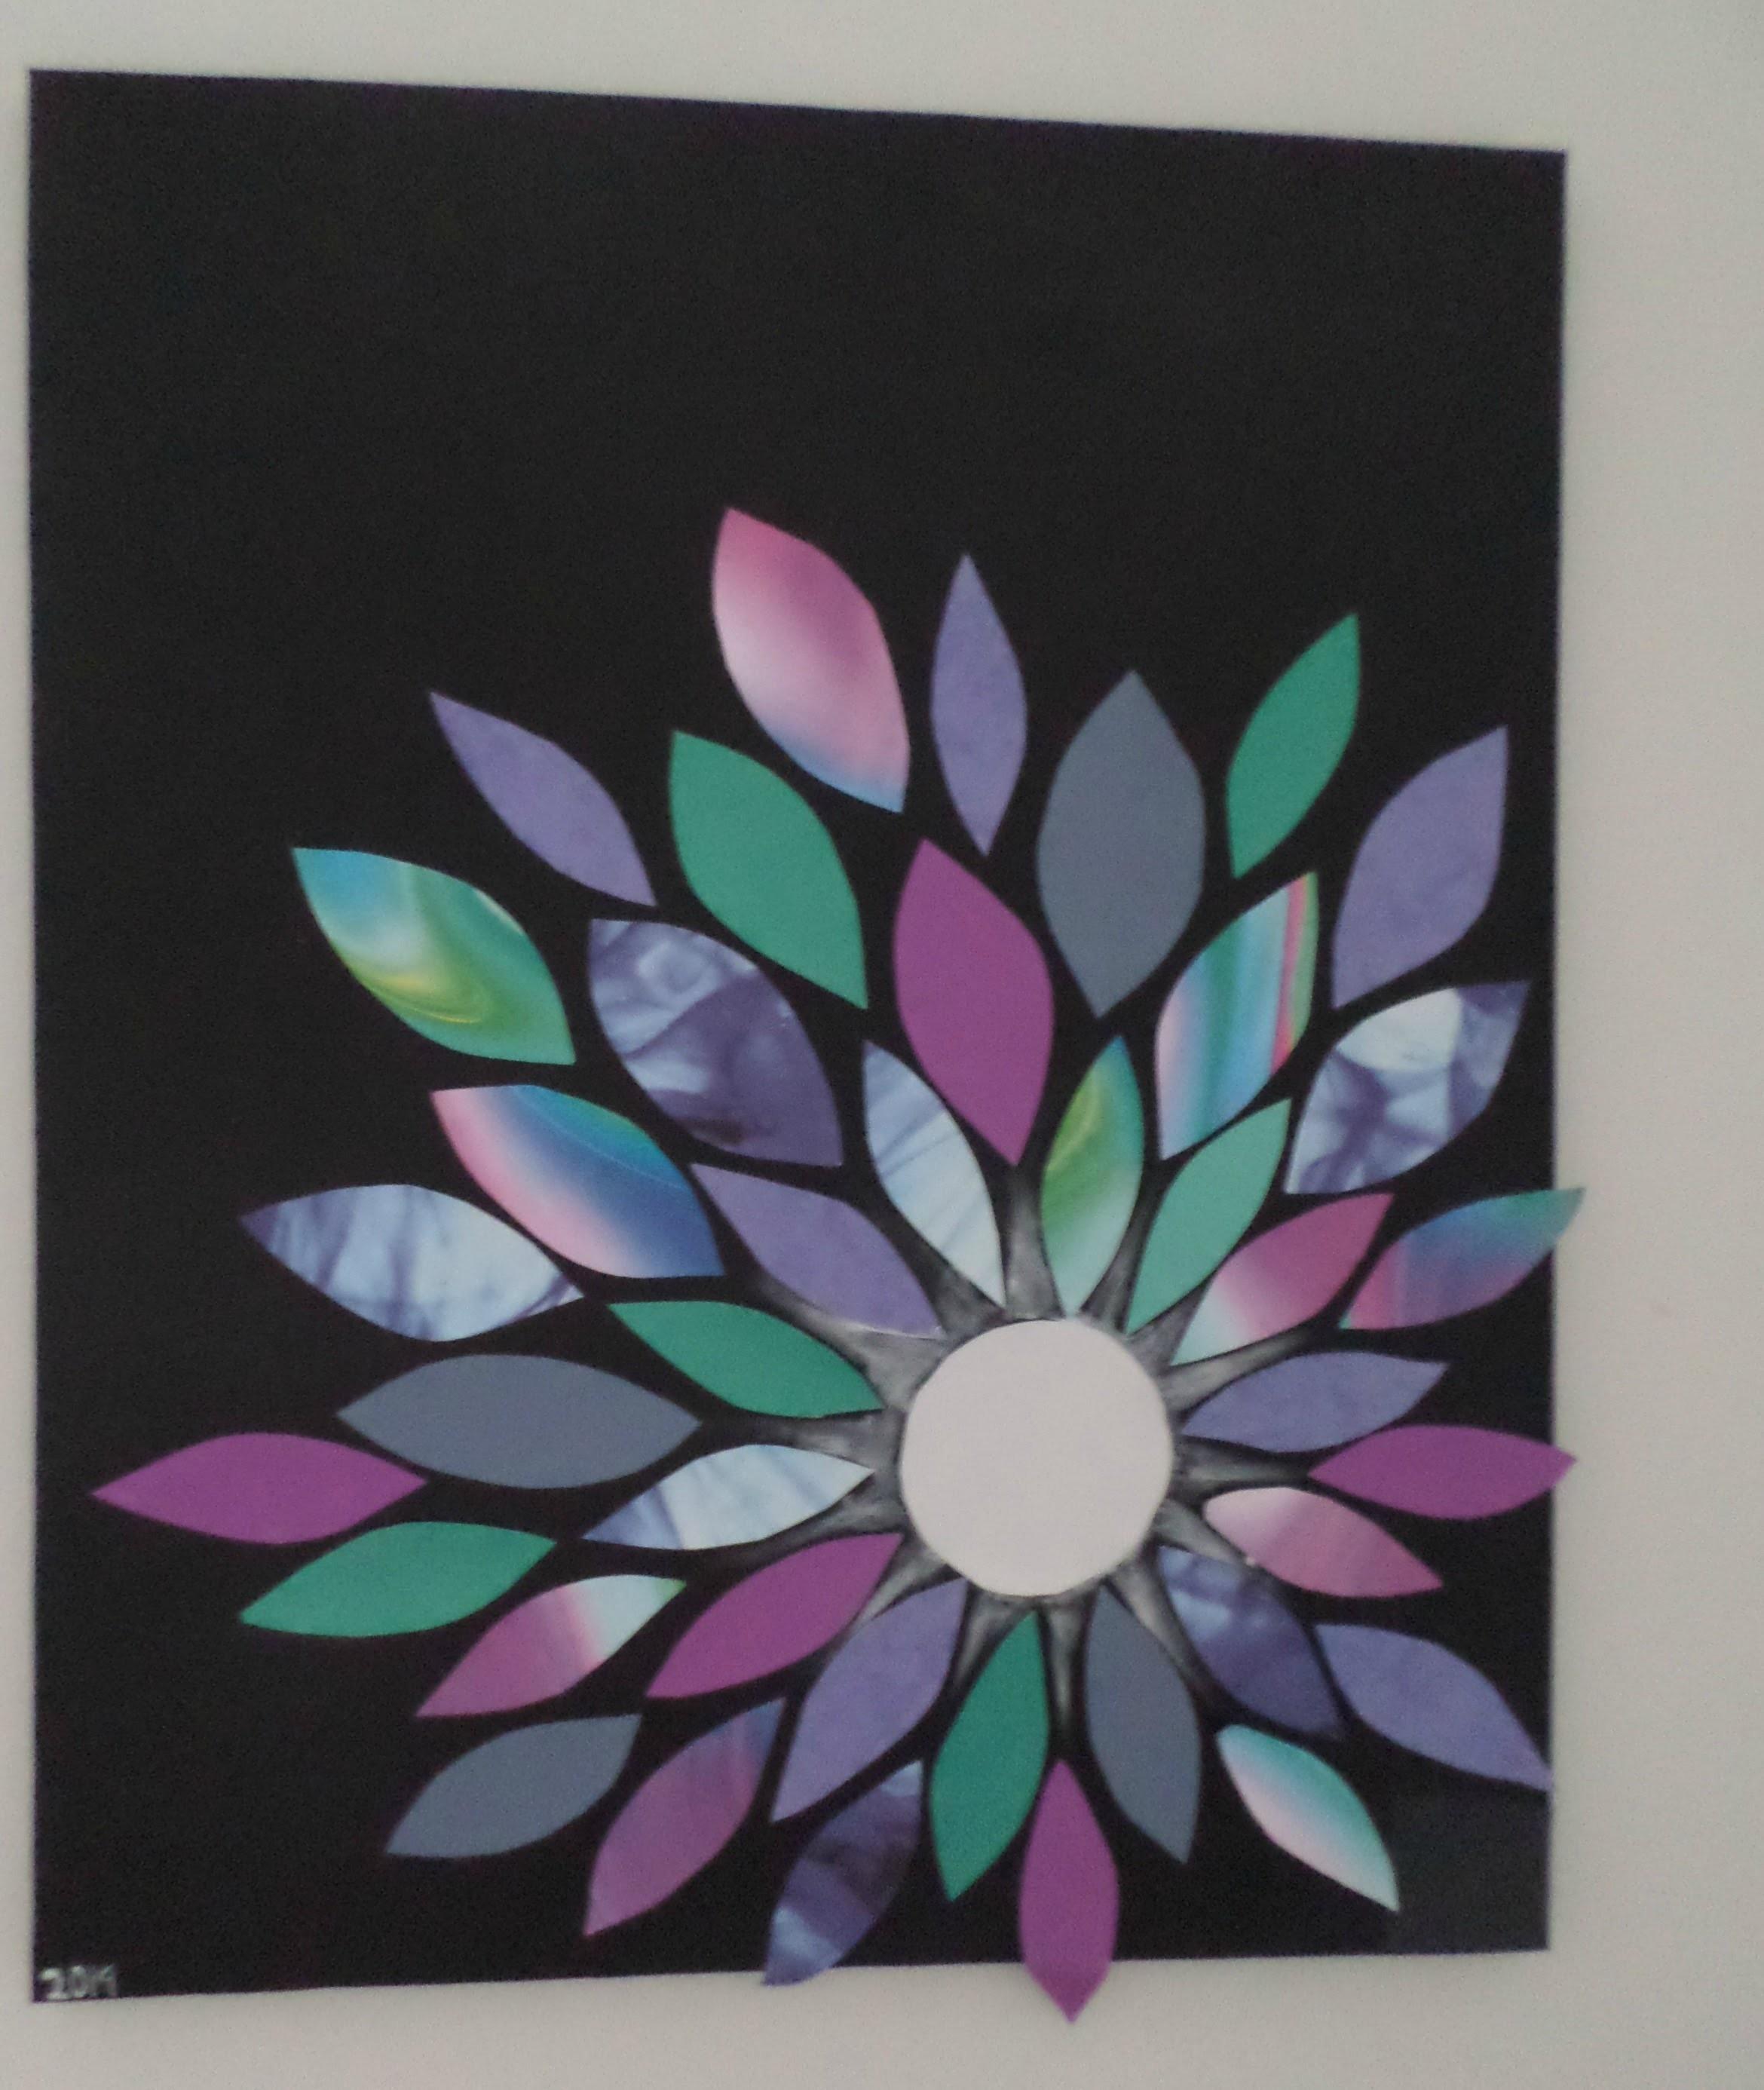 DIY Déco Chambre#1 : Fleur sur toile